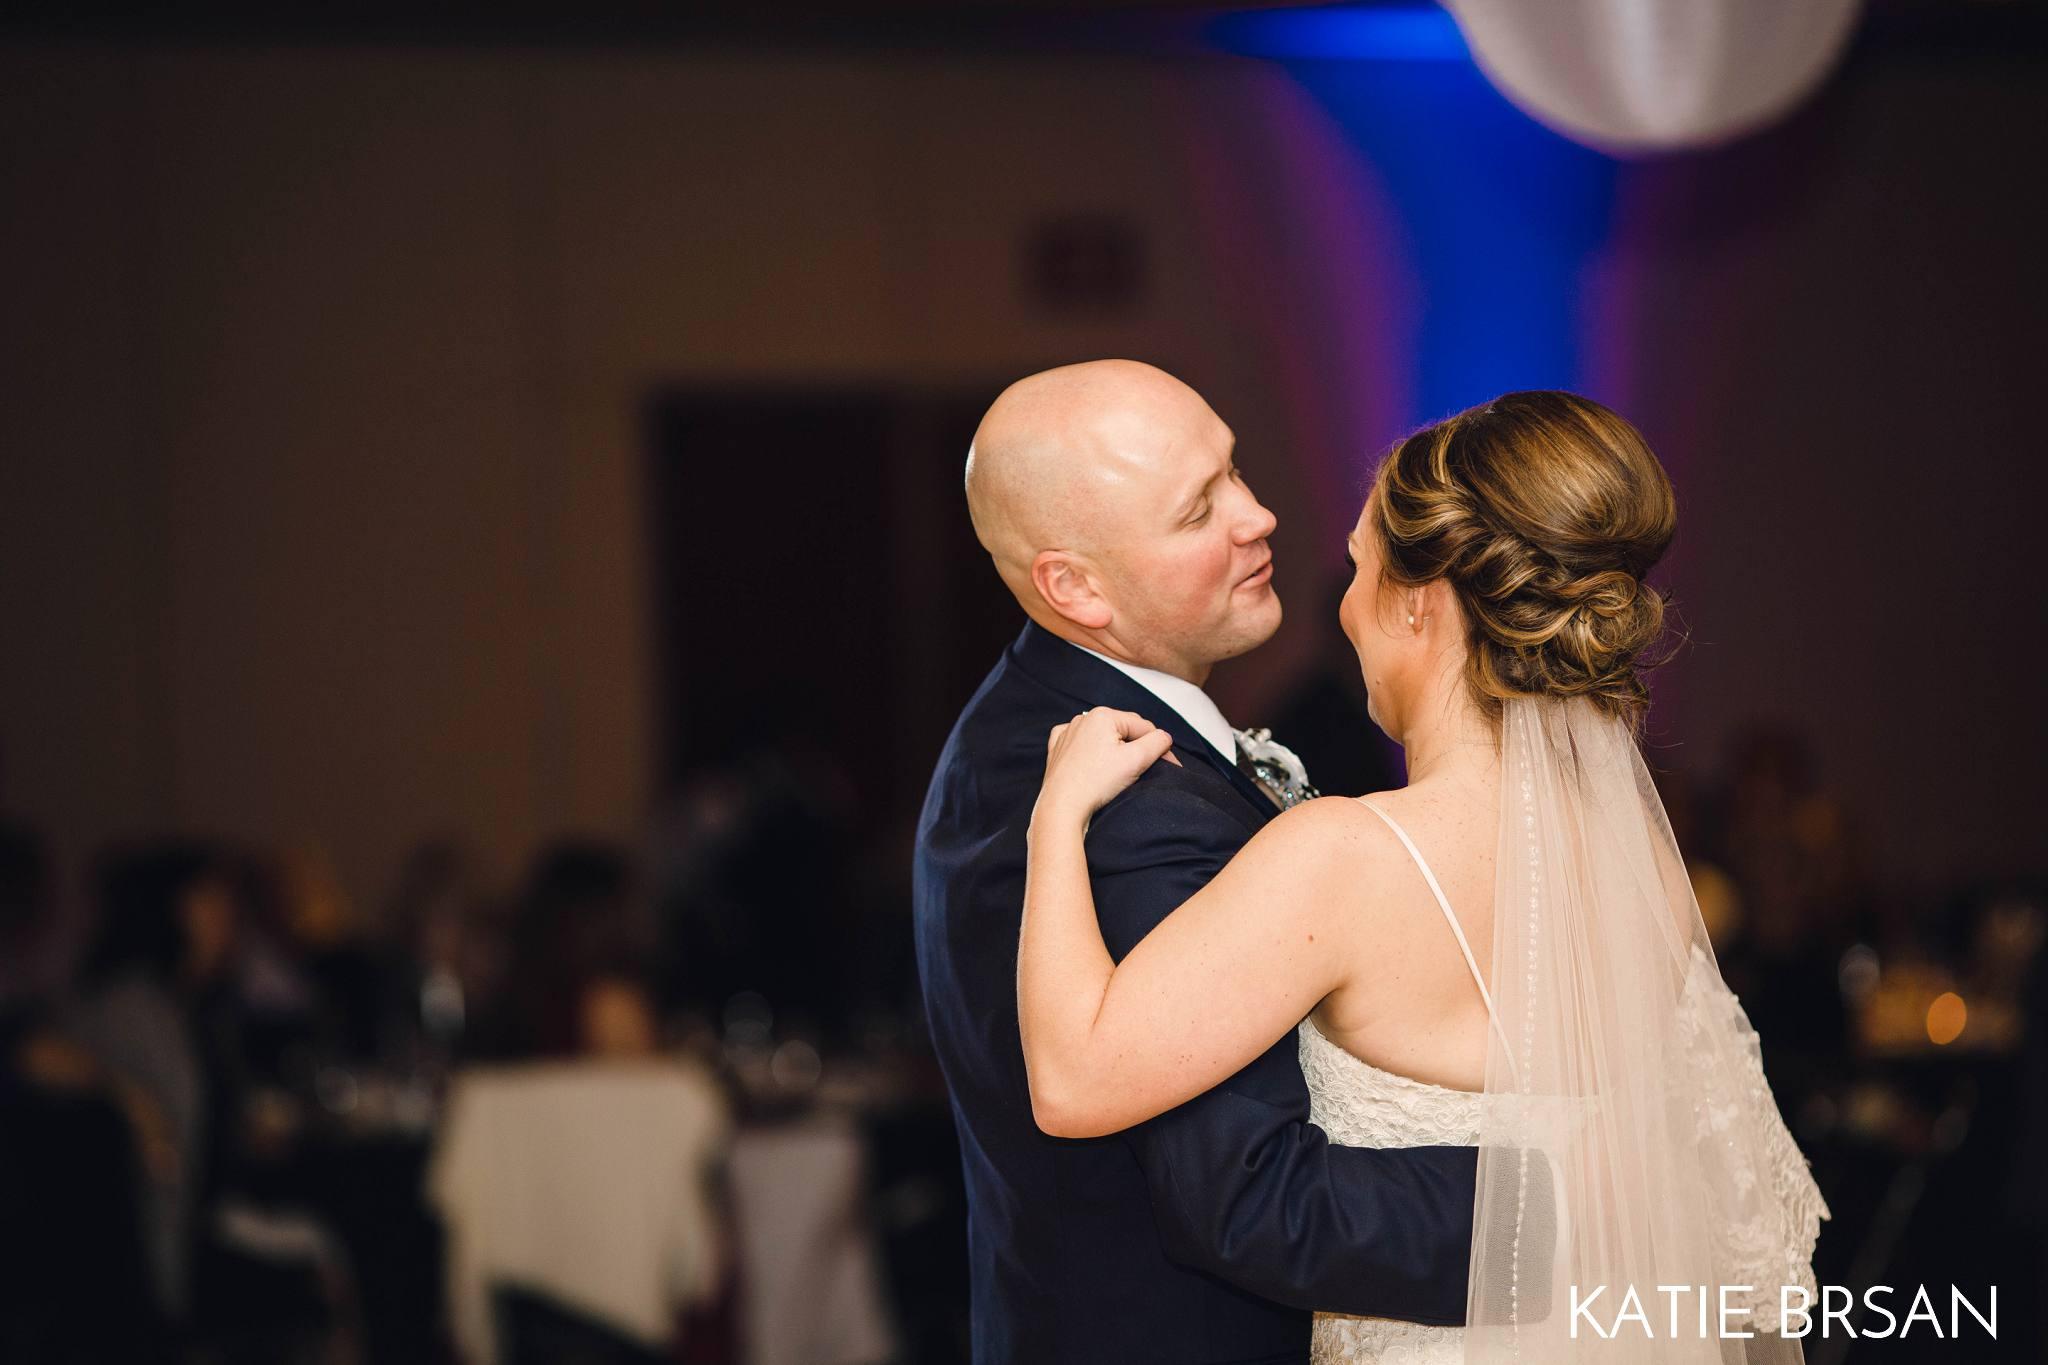 KatieBrsan-NewYearsEve-Wedding_0465.jpg